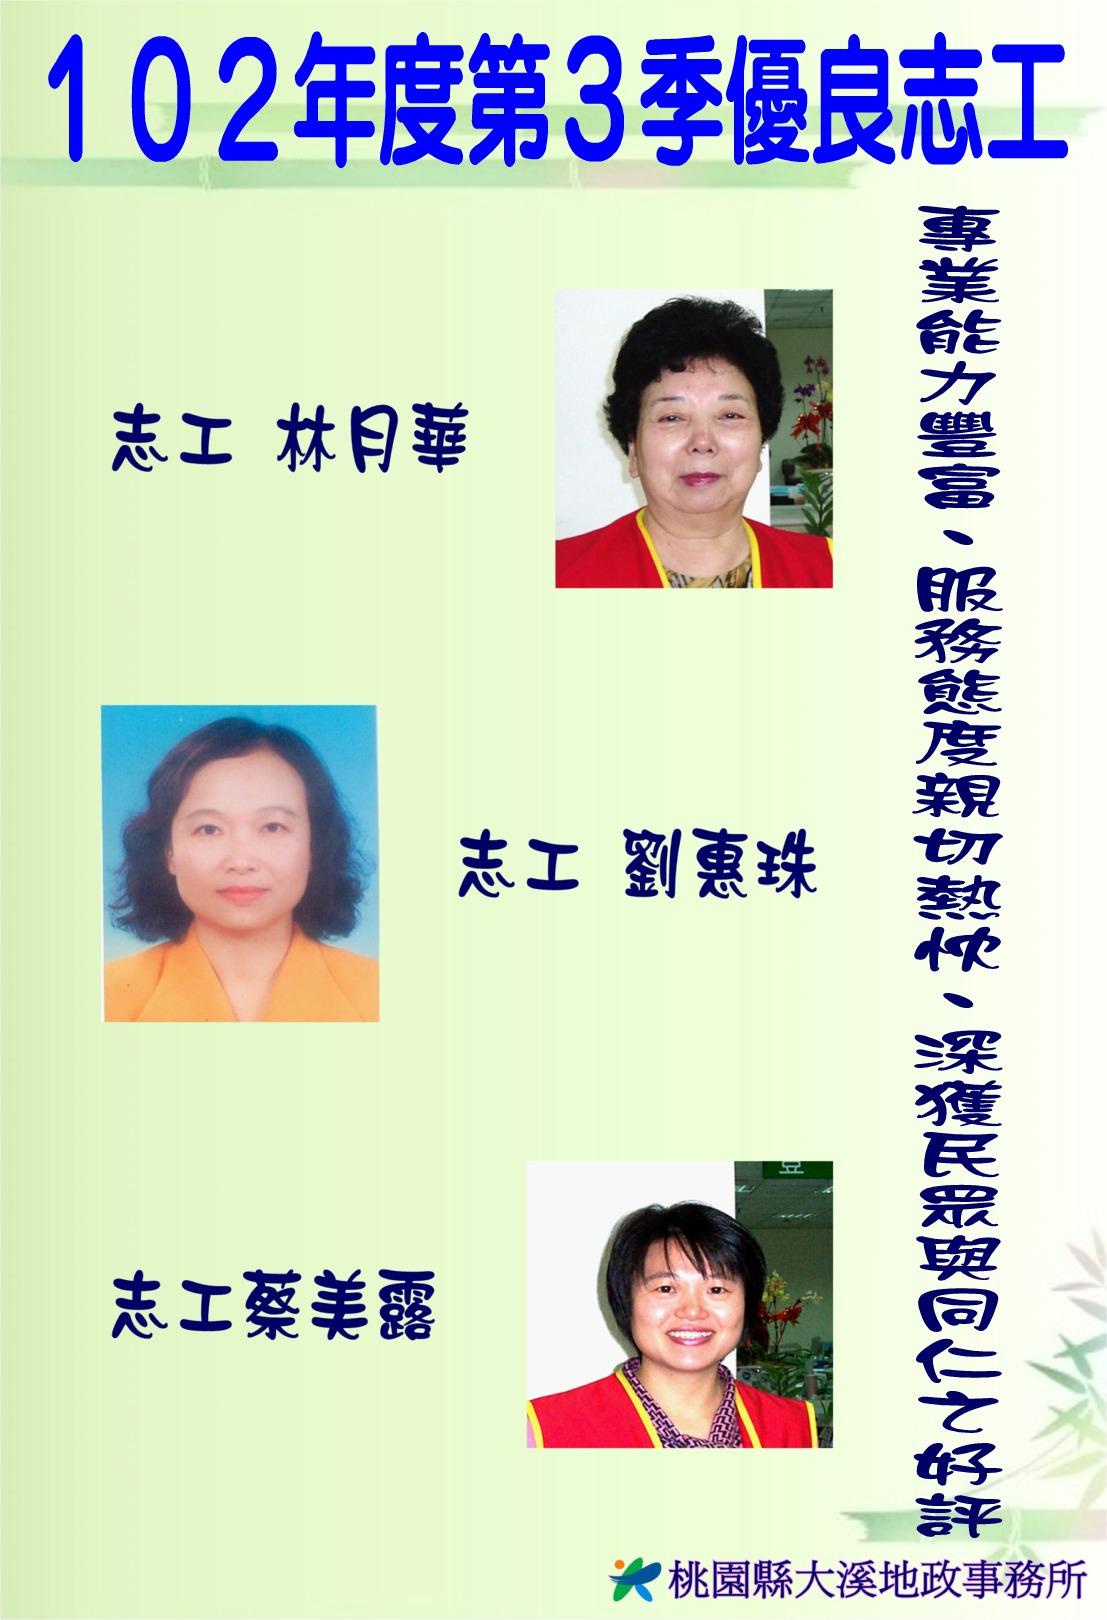 第三季志工績優人員─林月華小姐、劉惠珠小姐、蔡美露小姐